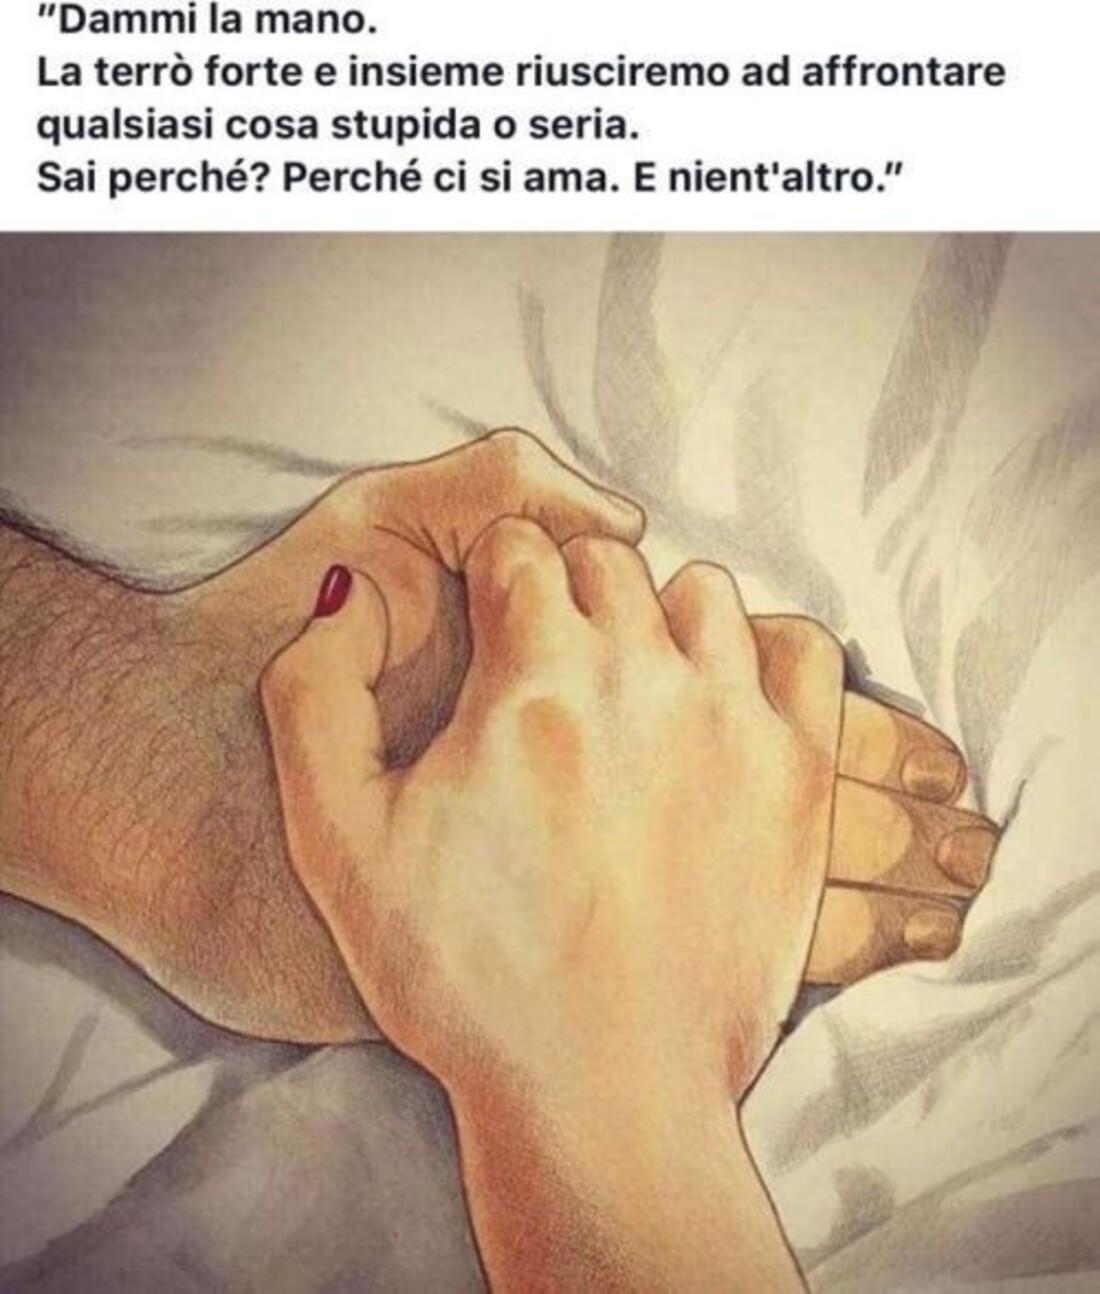 """""""Dammi la mano! la terrò forte e riusciremo ad affrontare qualsiasi cosa stupida o seria. Sai perchè? Perchè ci si ama. E nient'altro"""